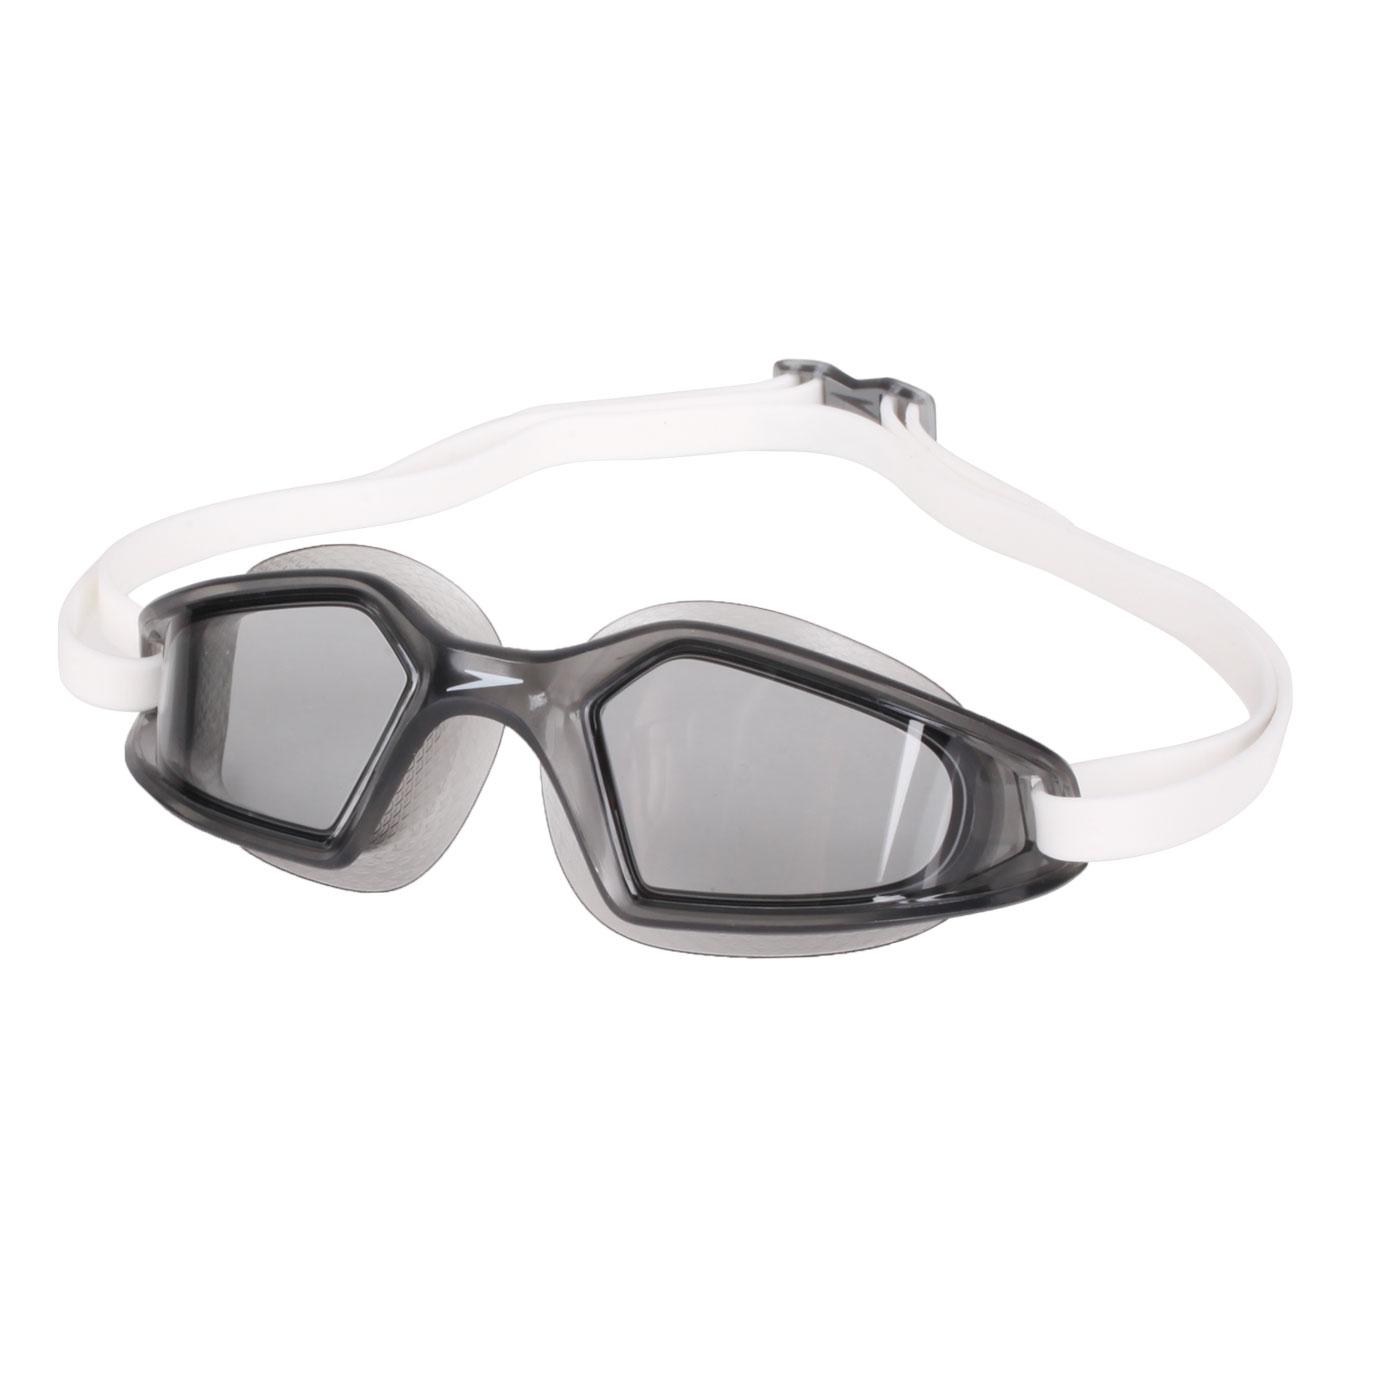 SPEEDO 成人運動泳鏡 SD812268D649 - 深灰白